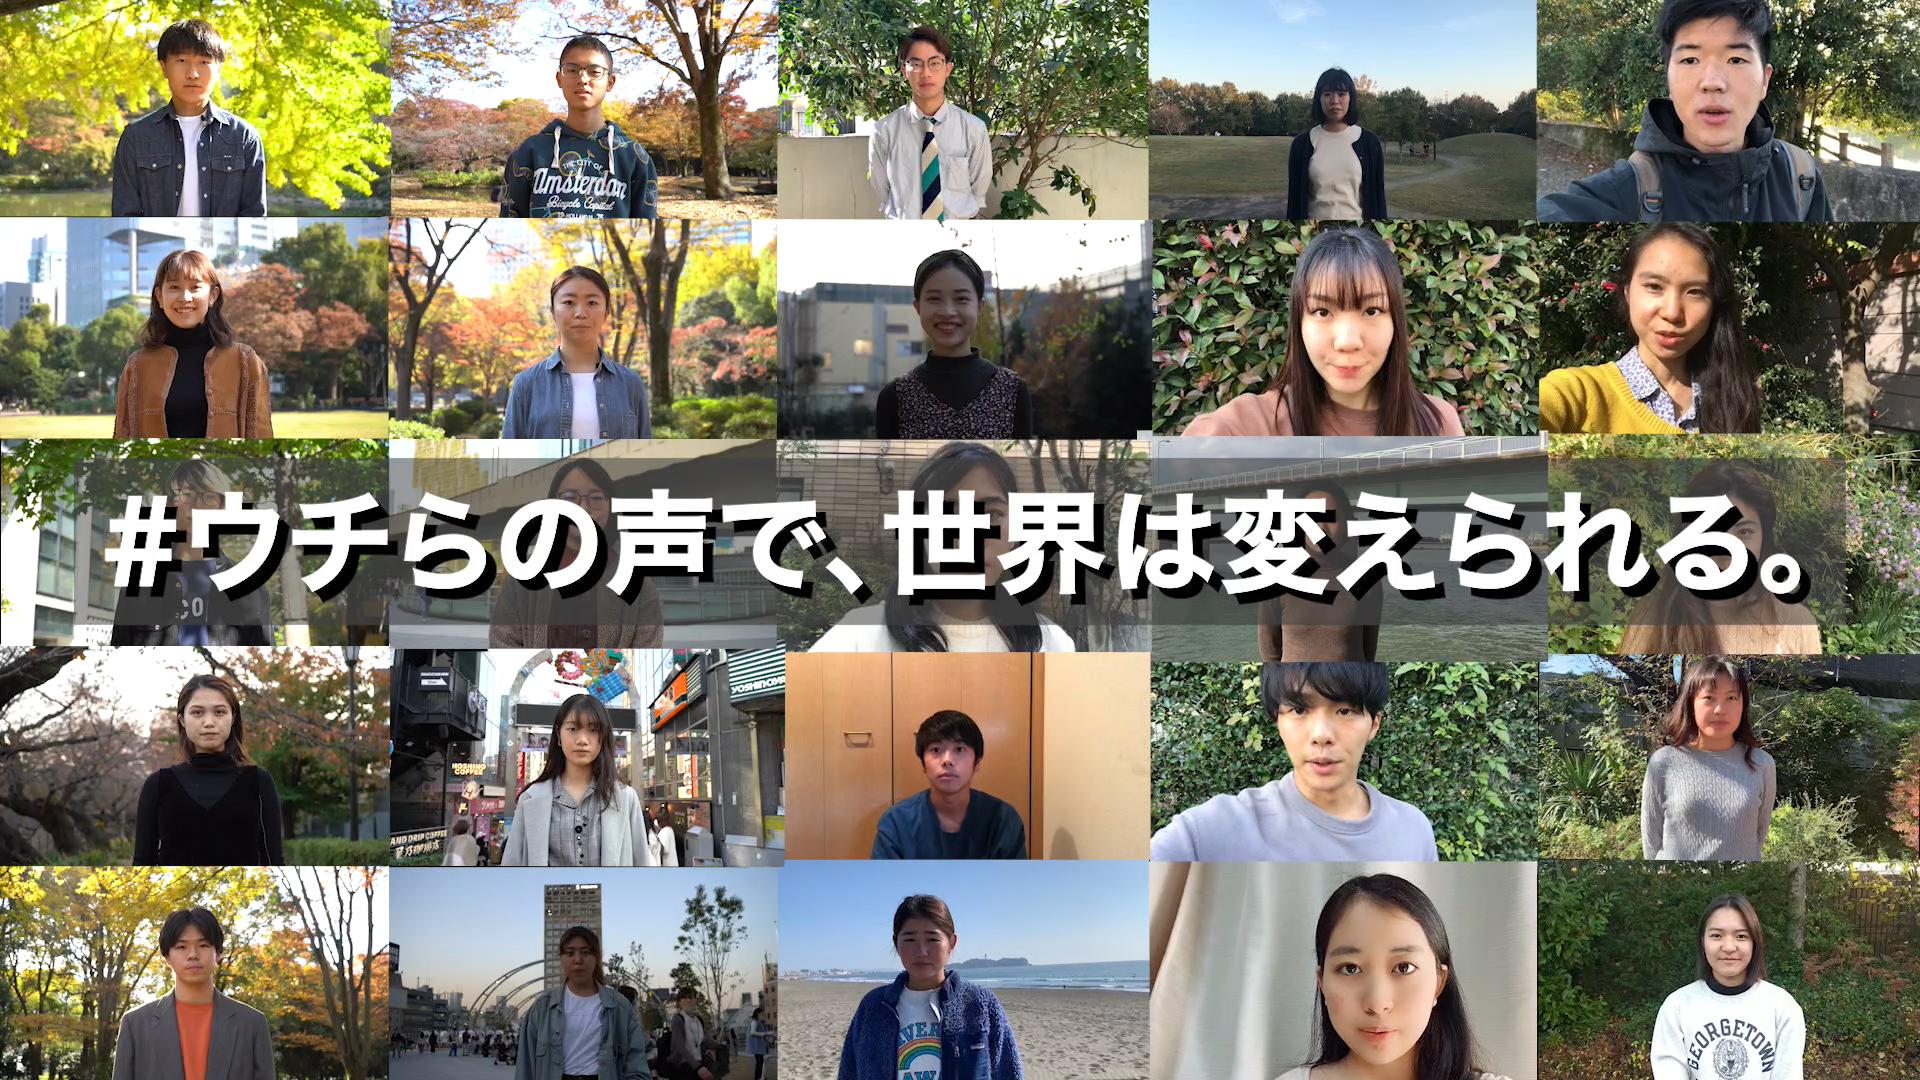 「あなたと話したい、明日からの地球のこと。音楽の力を借りて気候変動問題を考えるイベント『Climate Live Japan』」のアイキャッチ画像